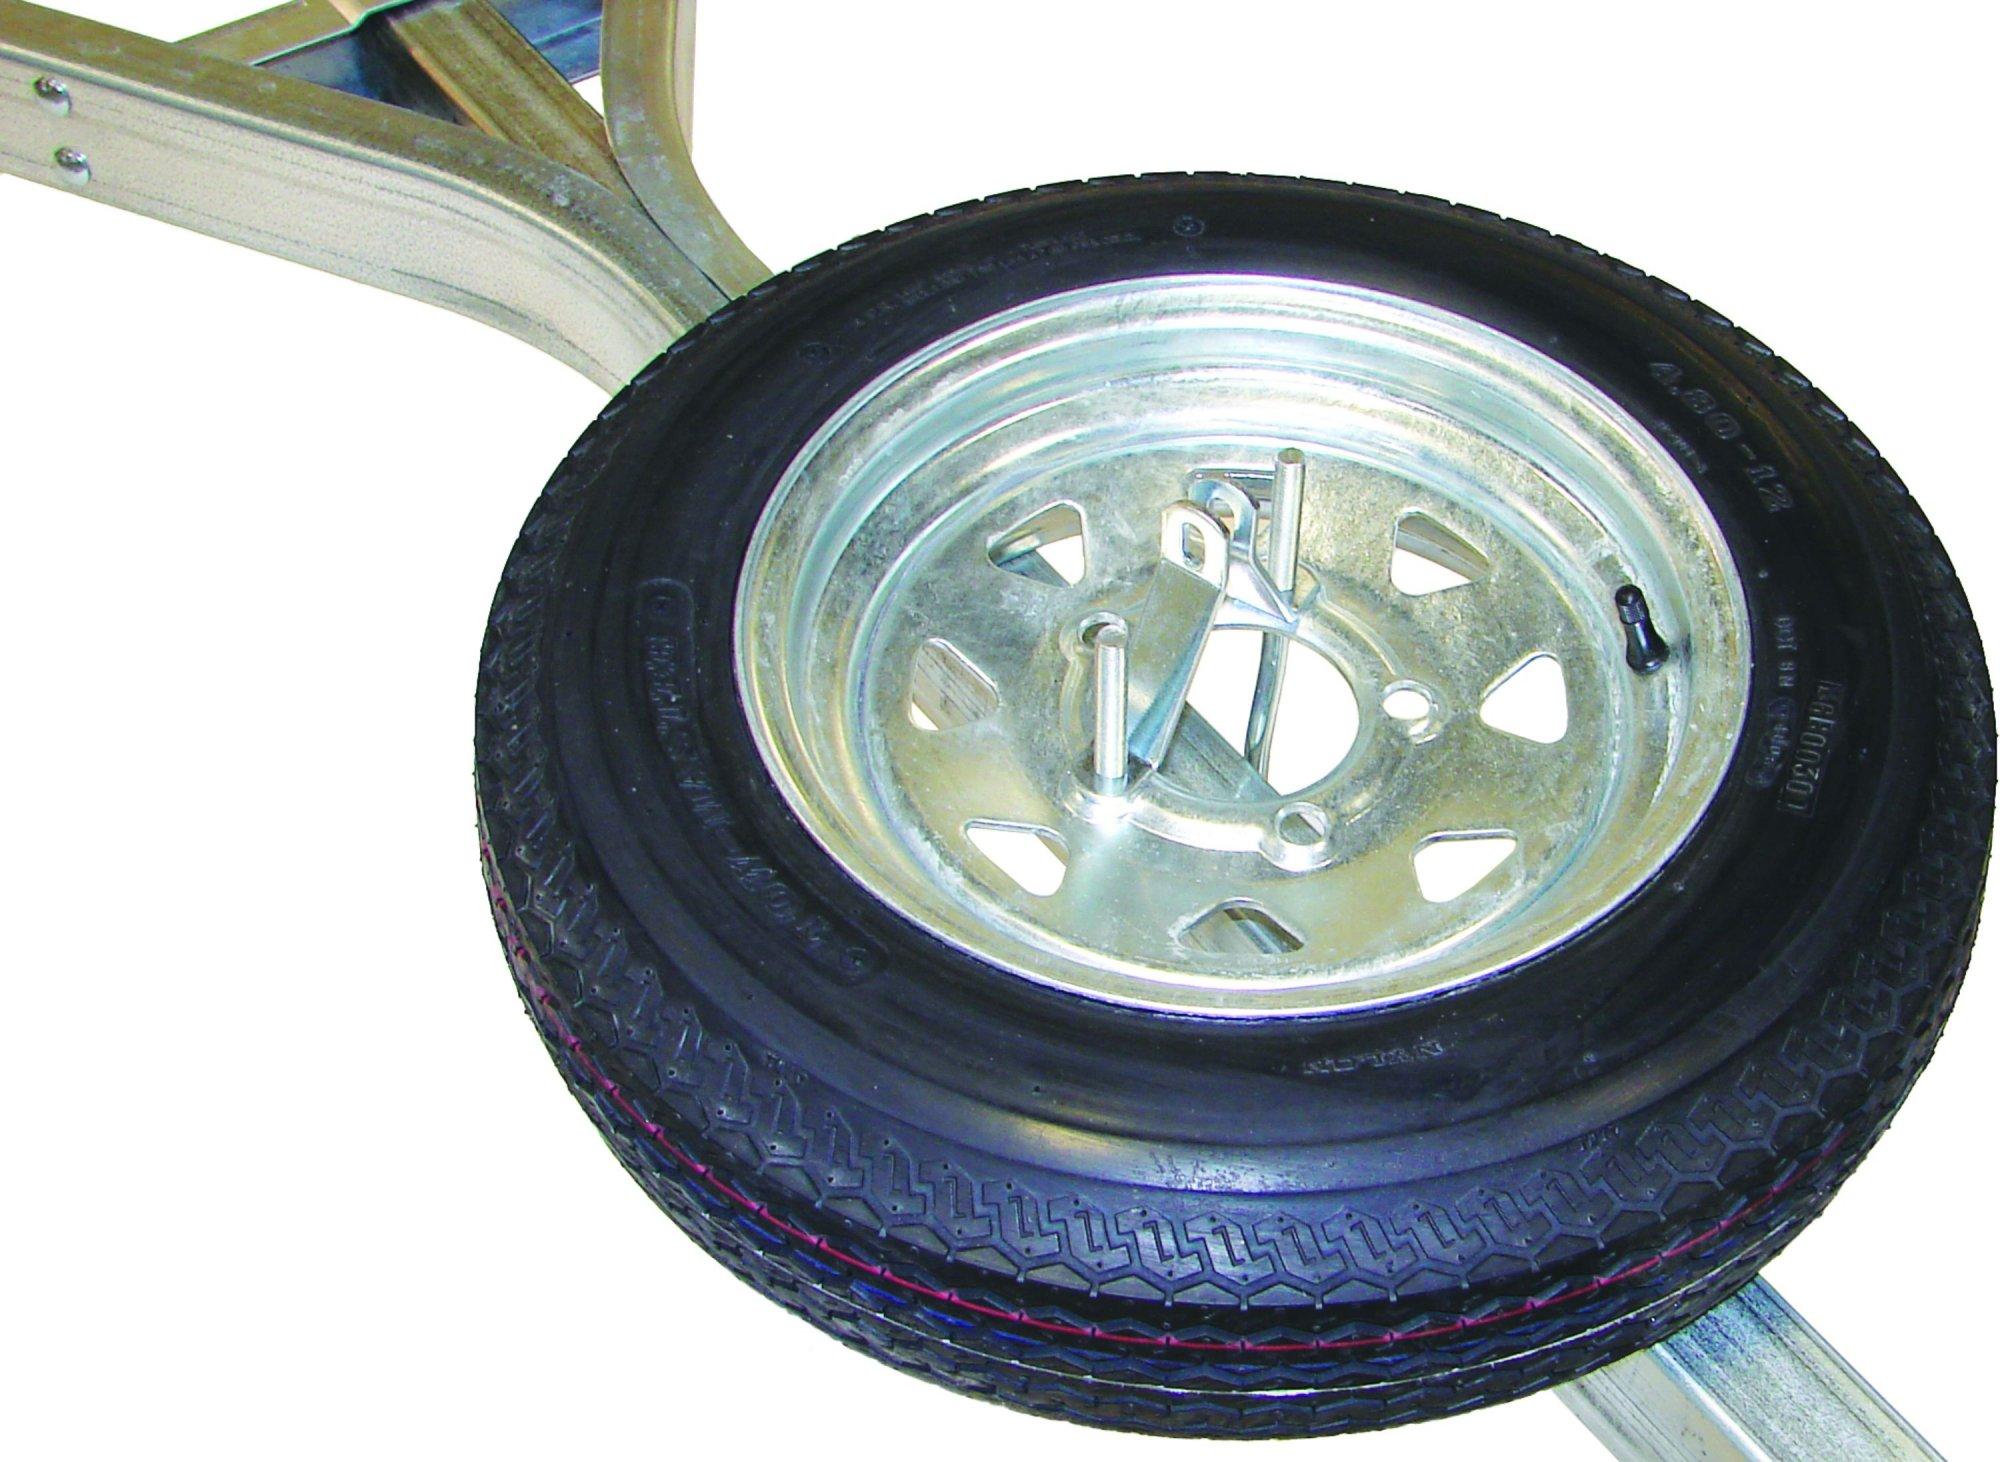 Malone Spare Tire for MicroSport Trailer - 12 Galvanized - Includes Lockable Attachment